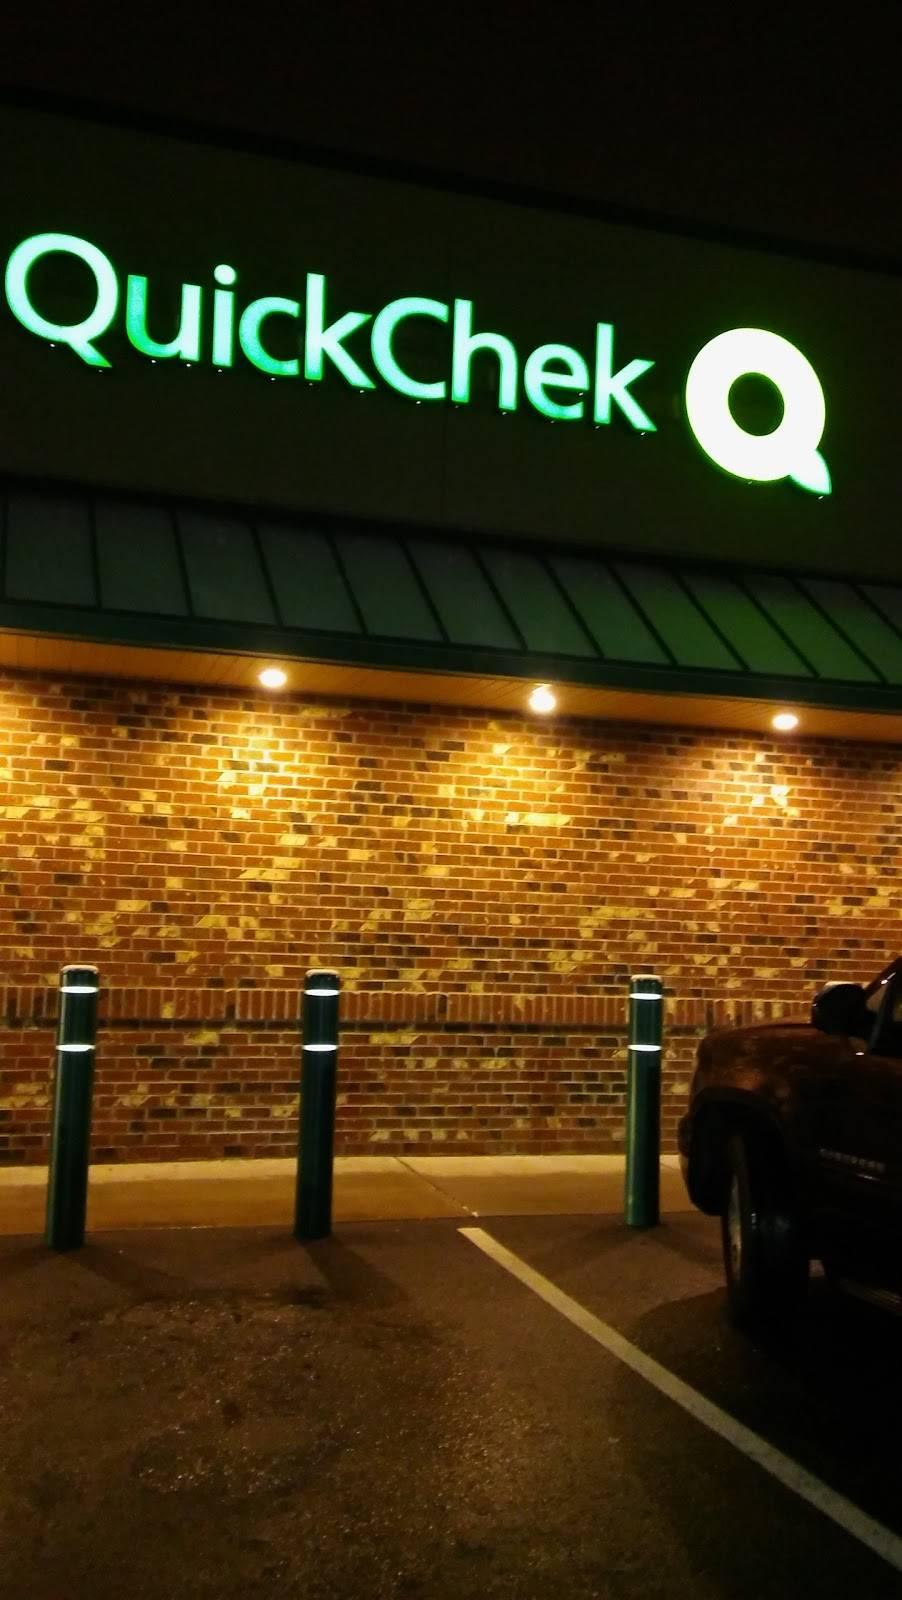 Quick Chek   cafe   720 Washington Ave, Carlstadt, NJ 07072, USA   2019330982 OR +1 201-933-0982